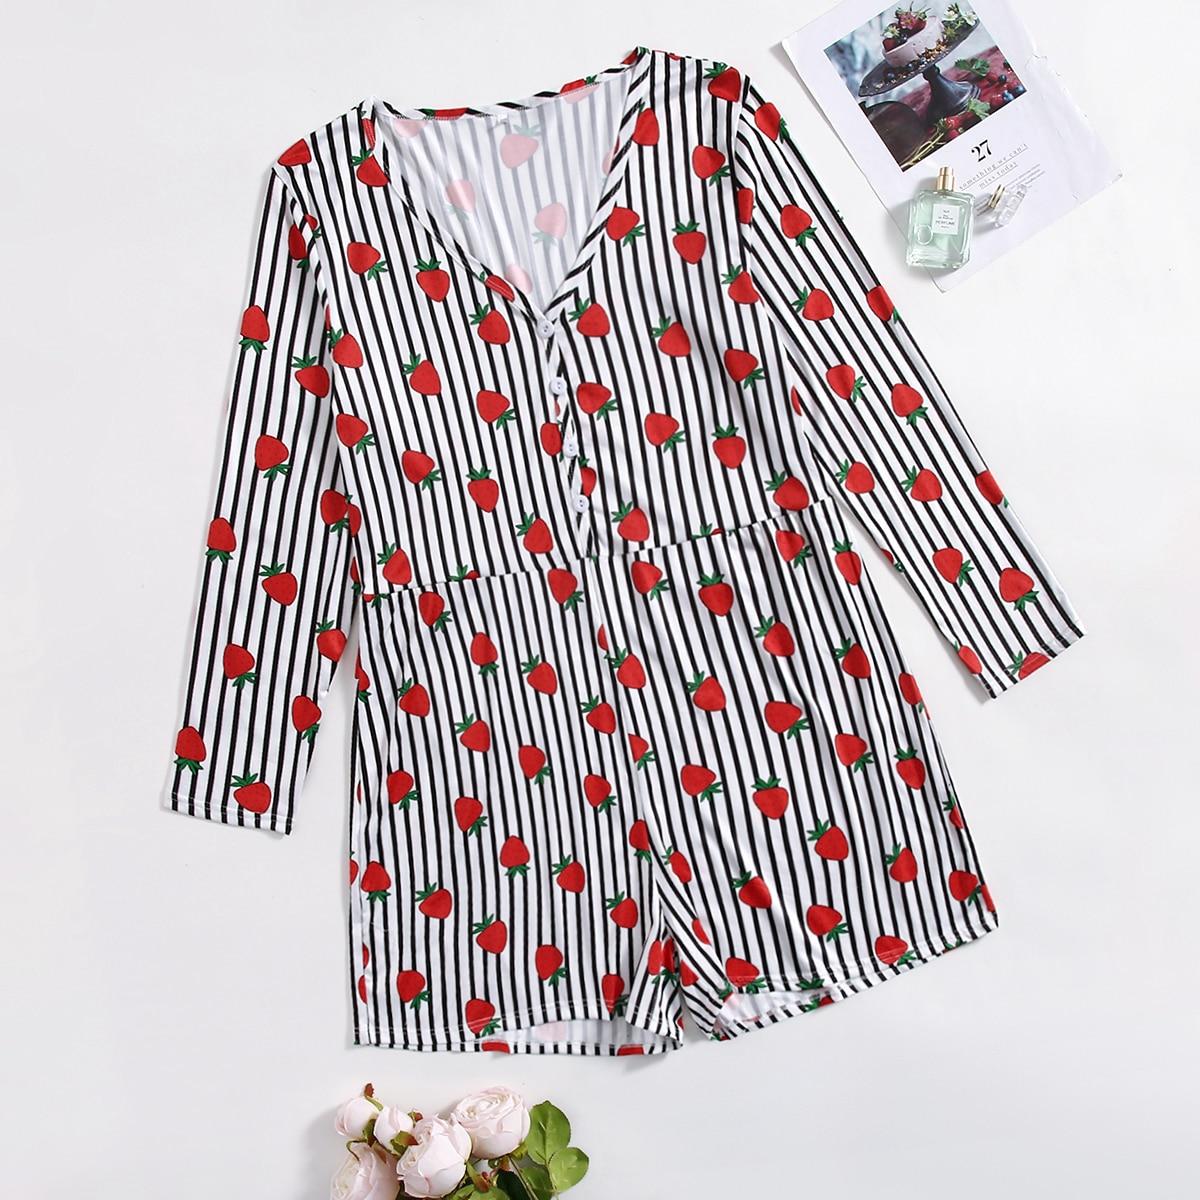 Комбинезон-пижама размера плюс в полоску с принтом клубники